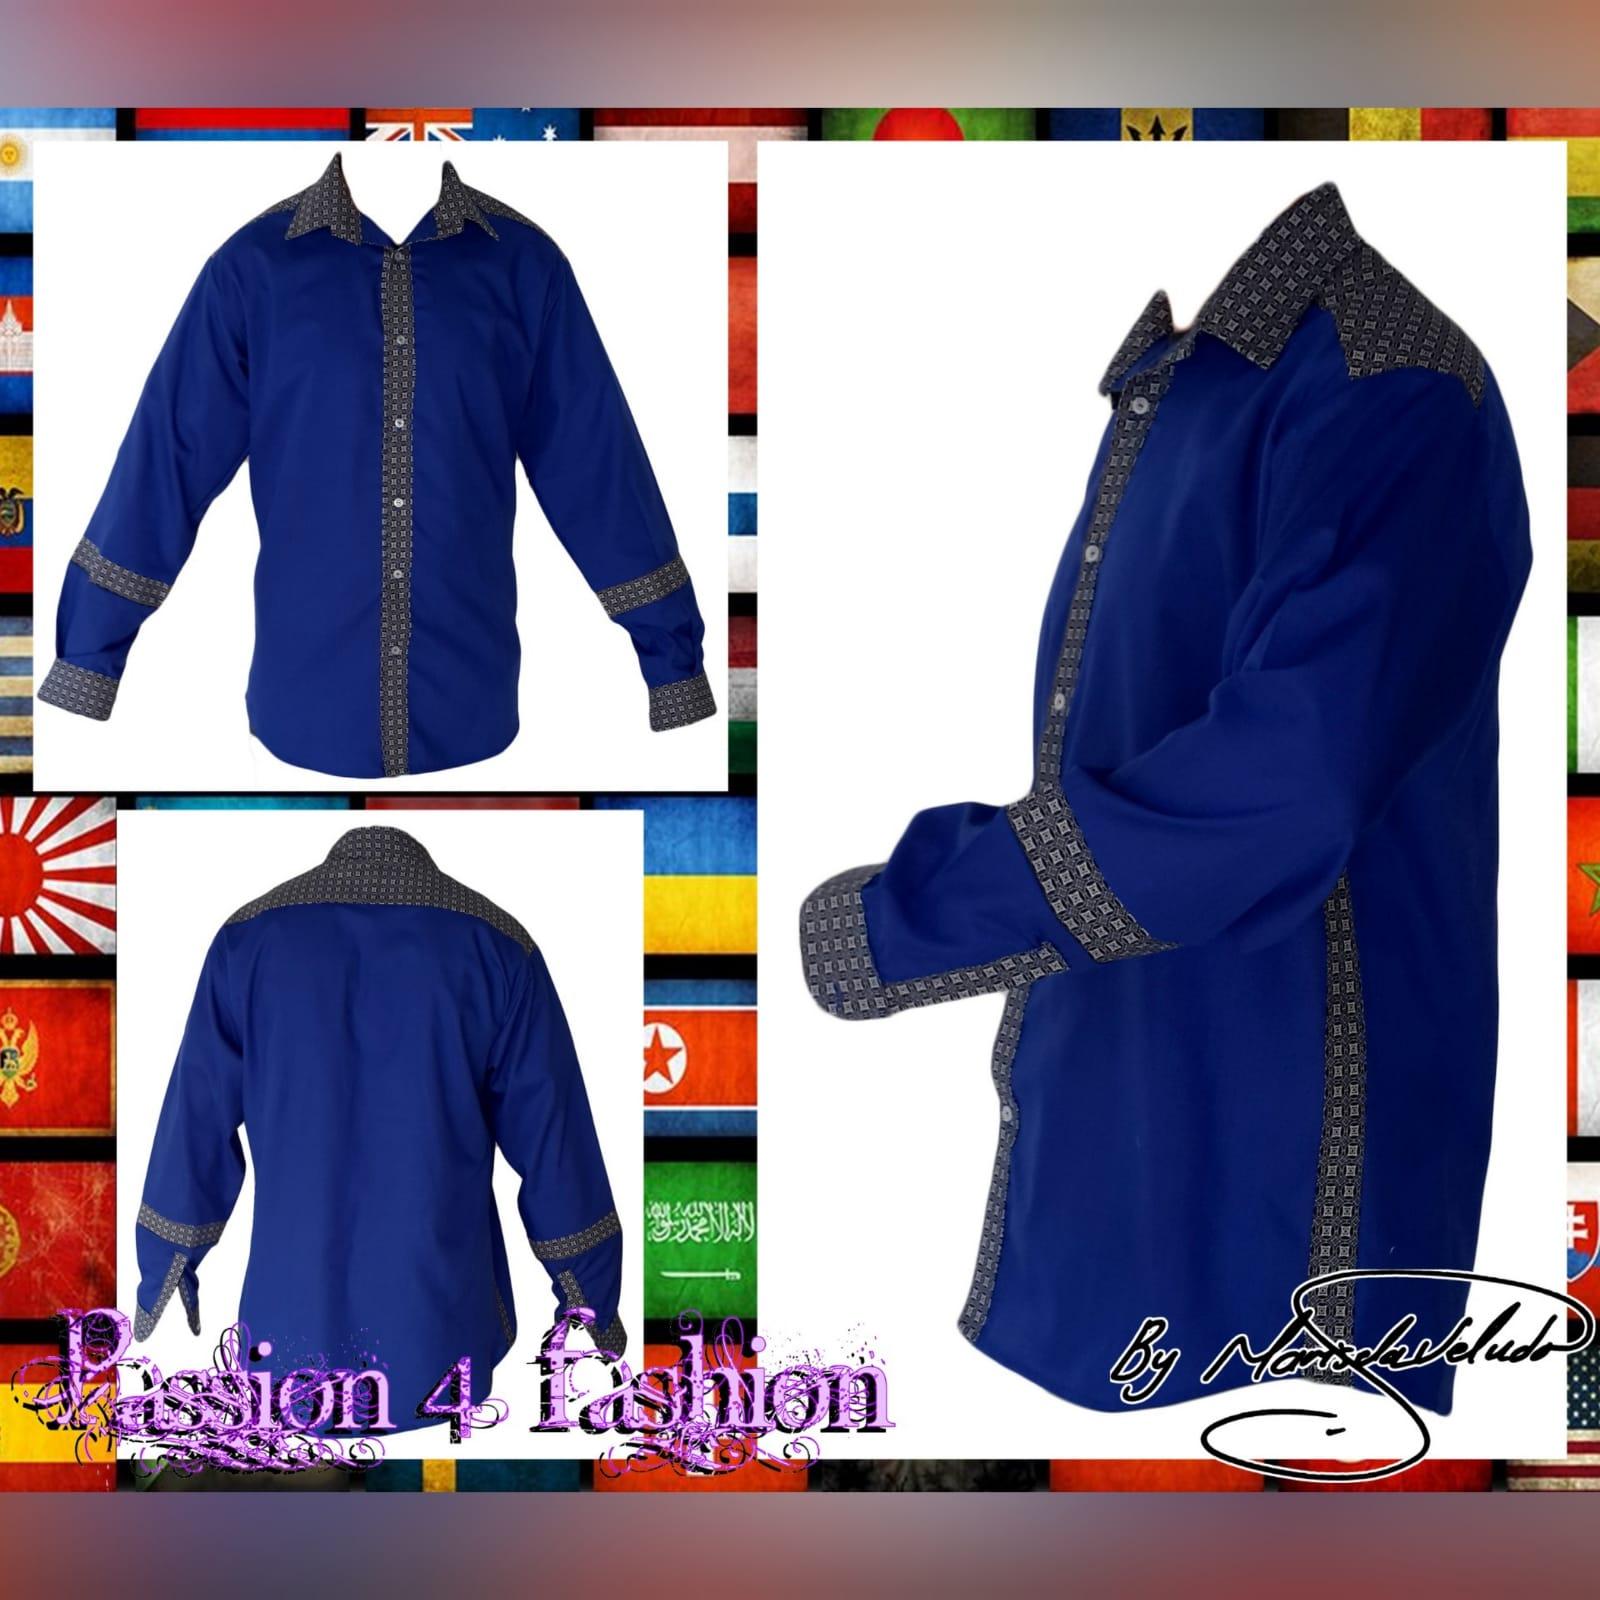 Camisa de homem tradicional com tecido africano 3 camisa de homem tradicional com detalhes de tecido africano shweshwe. Shweshwe foi usado nos punhos, gola, faixa de botões e parte superior das costas e shweshwe detalhando no antebraço.